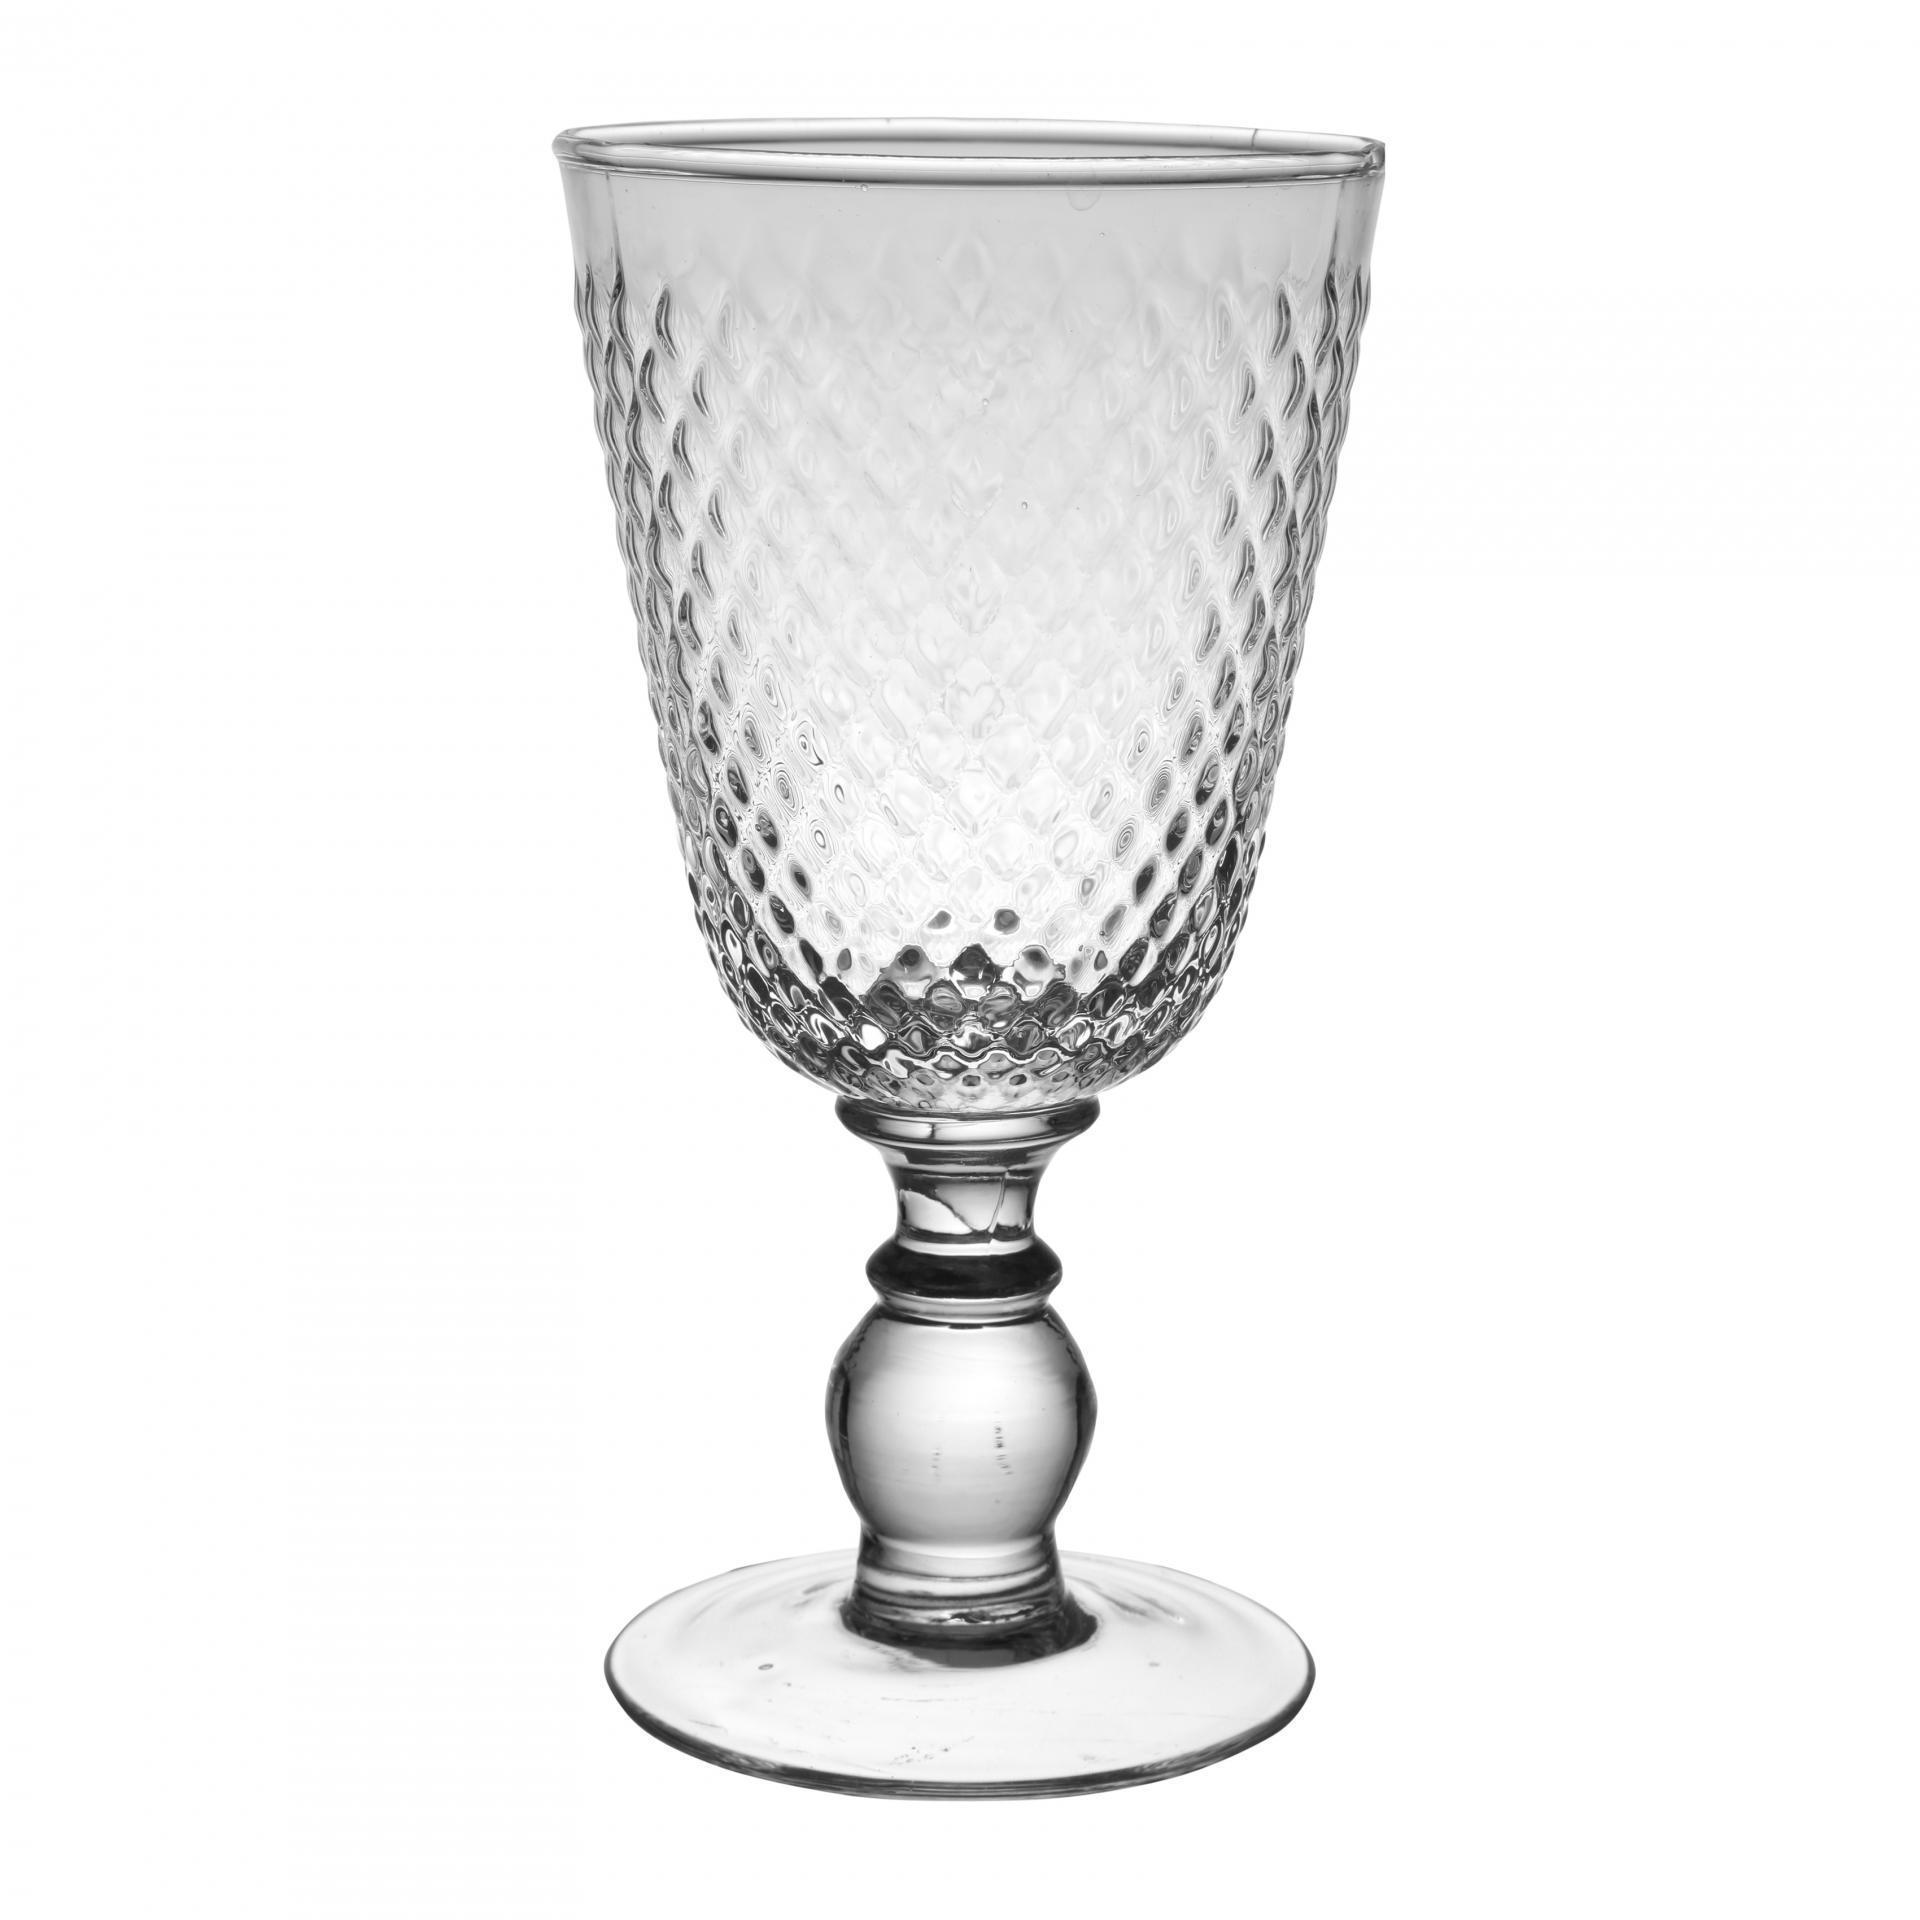 CÔTÉ TABLE Sklenička na víno Verre, čirá barva, sklo